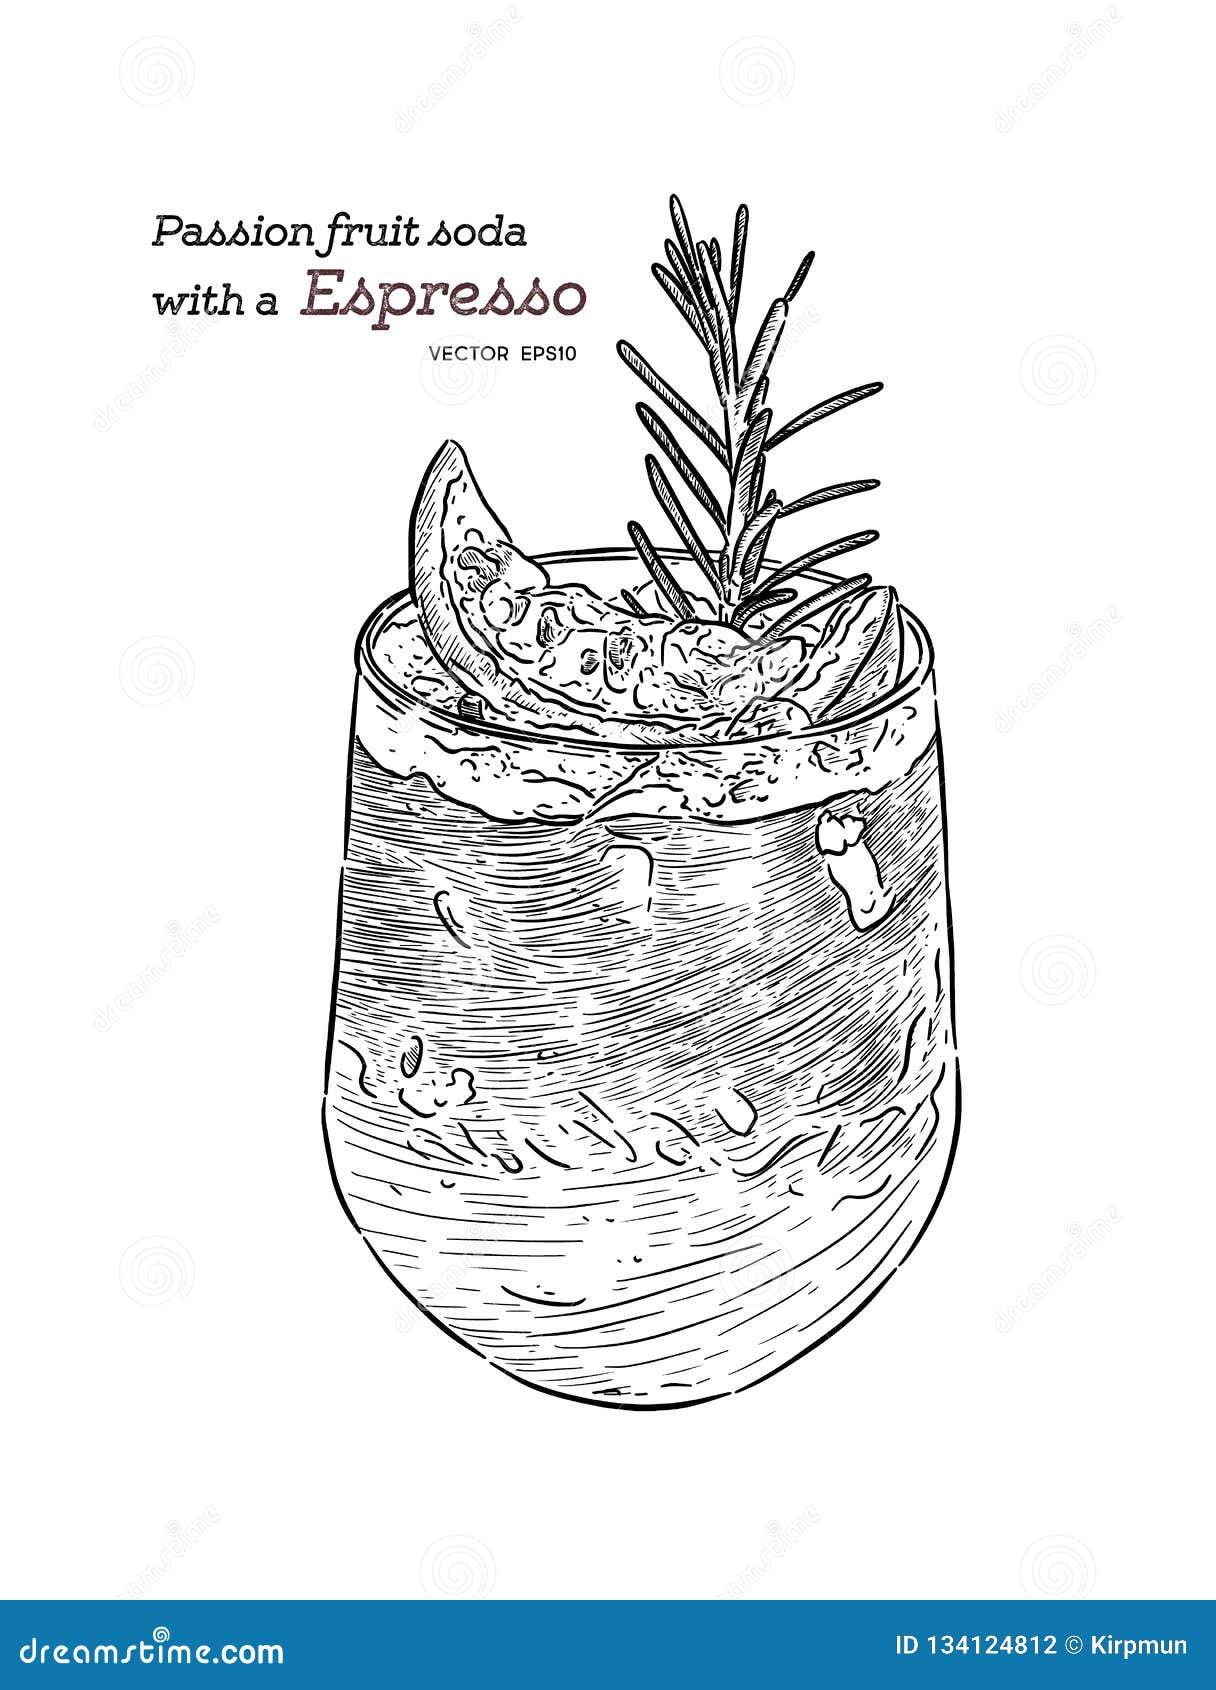 Soda del frutto della passione con caffè espresso, vettore di schizzo di tiraggio della mano